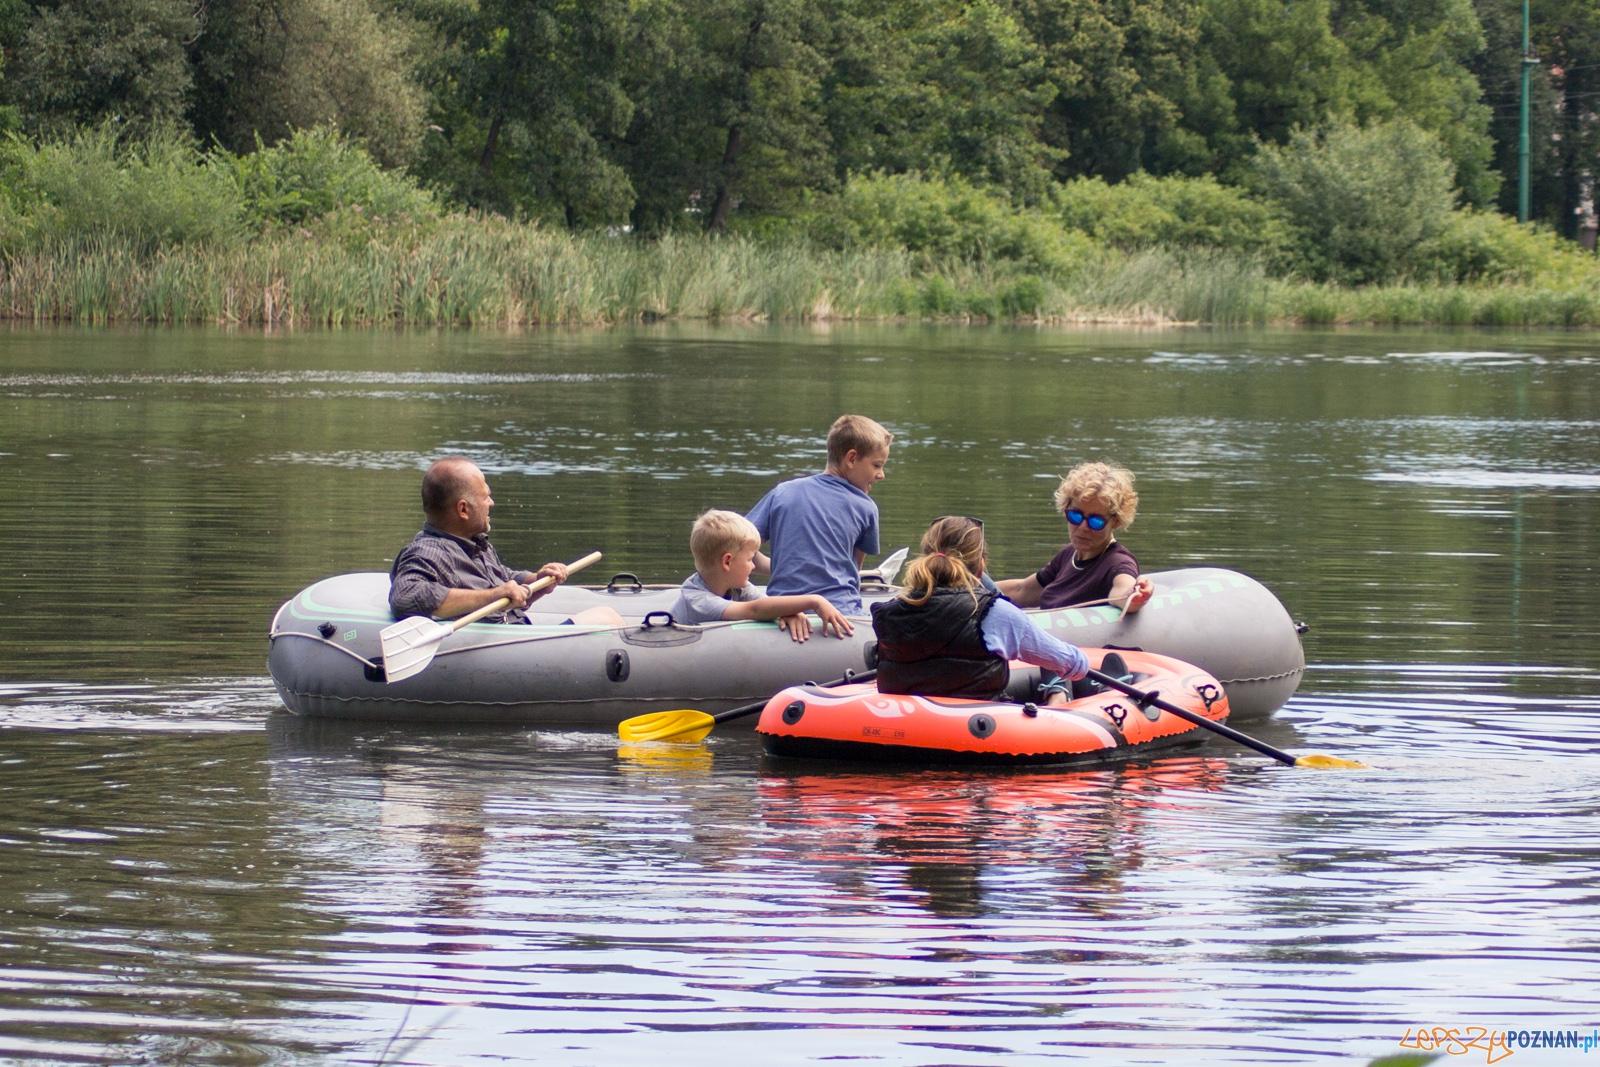 Desant pontonowy Sołacz  Foto: Ewelina Jaśkowiak